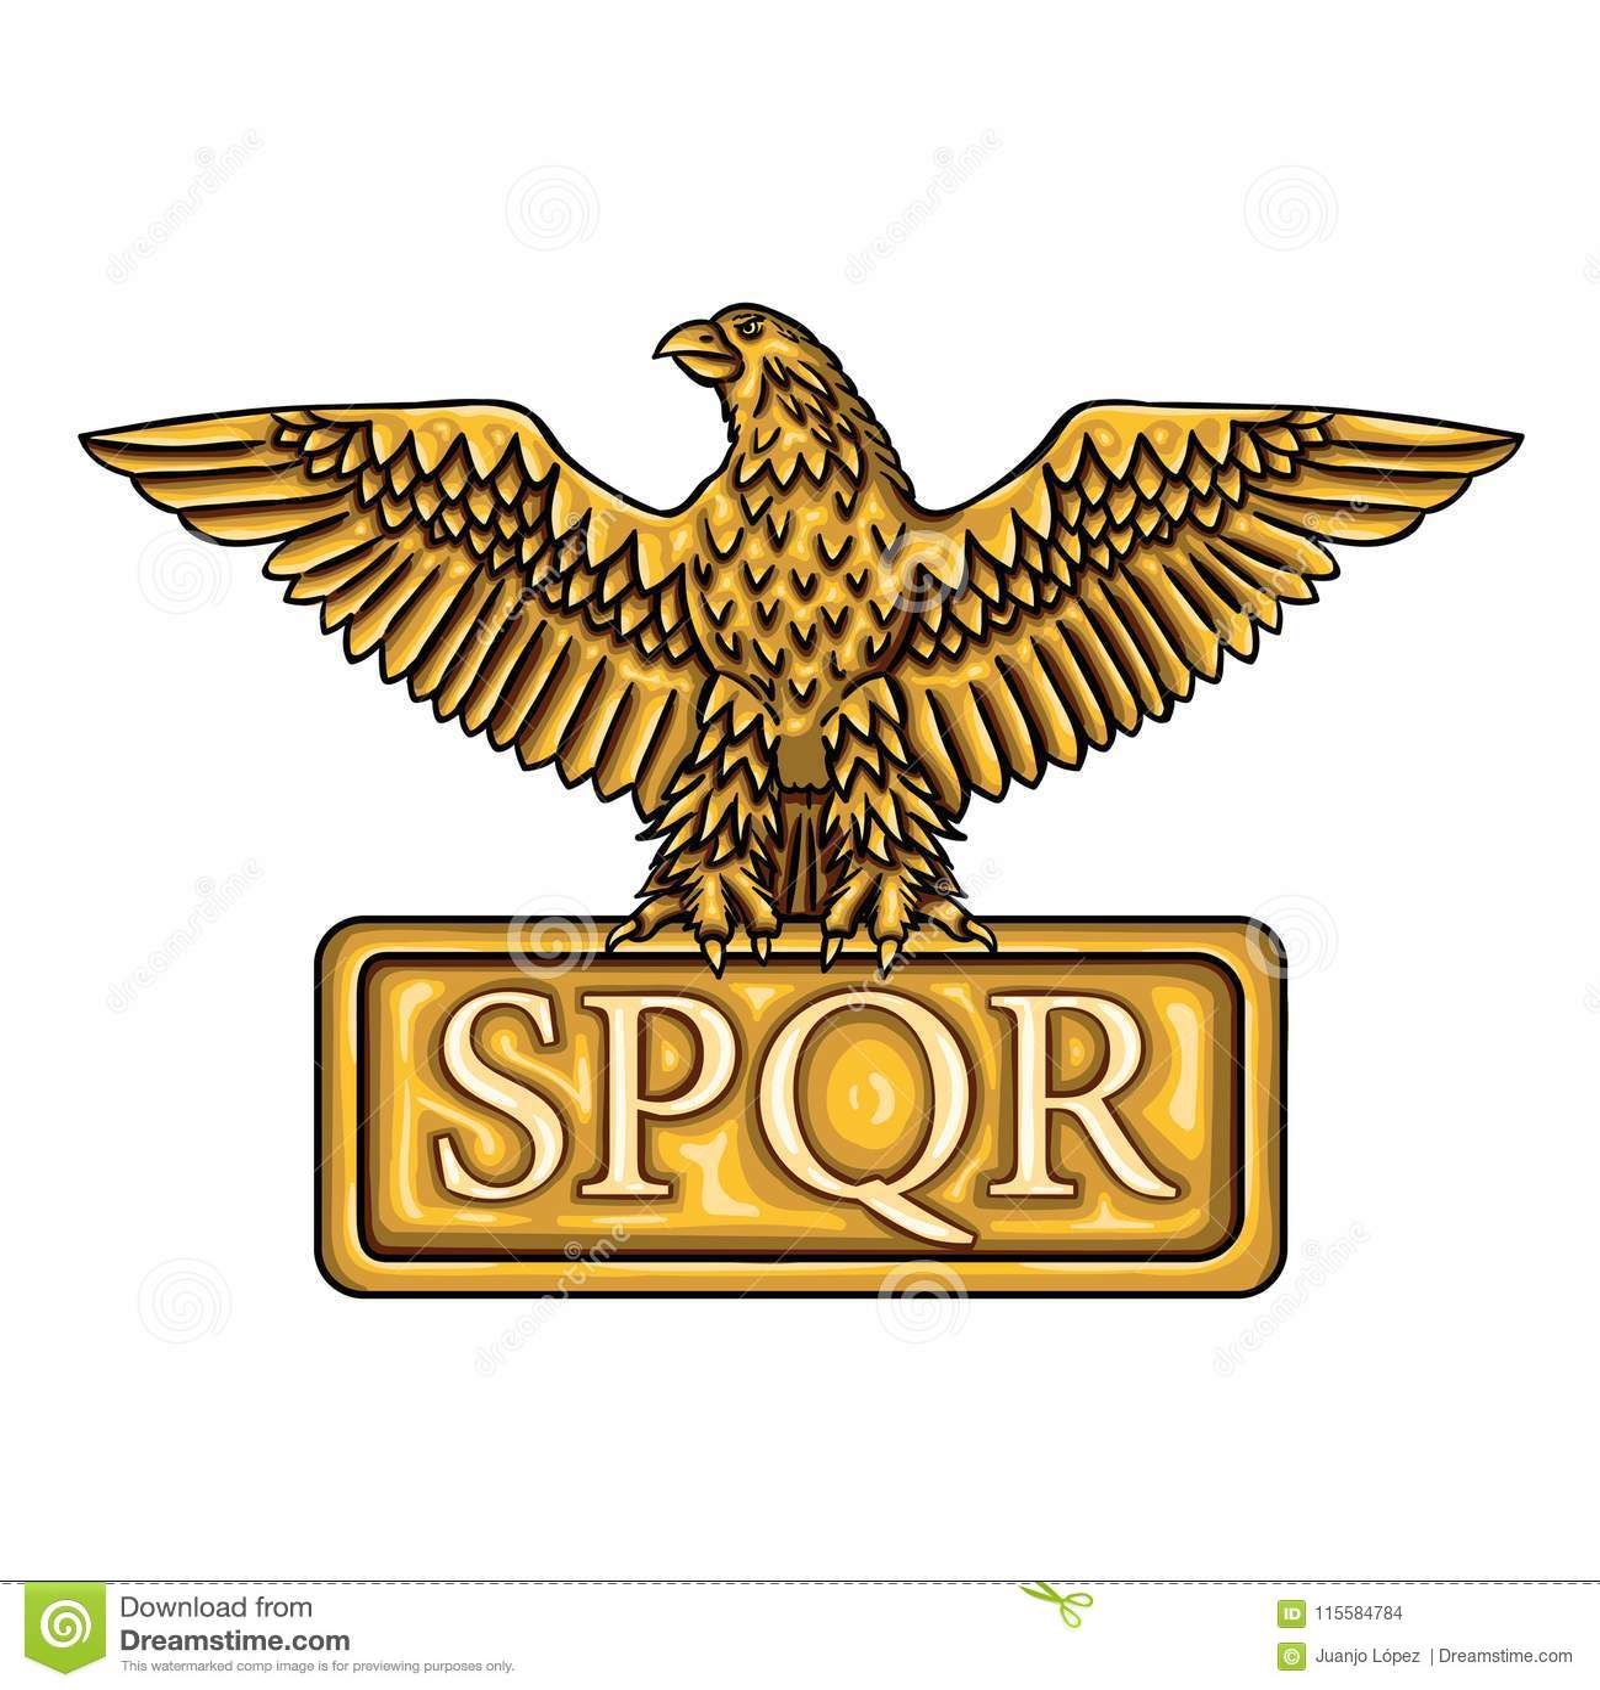 Emblema de oro de Roman Empire SPQR con el águila